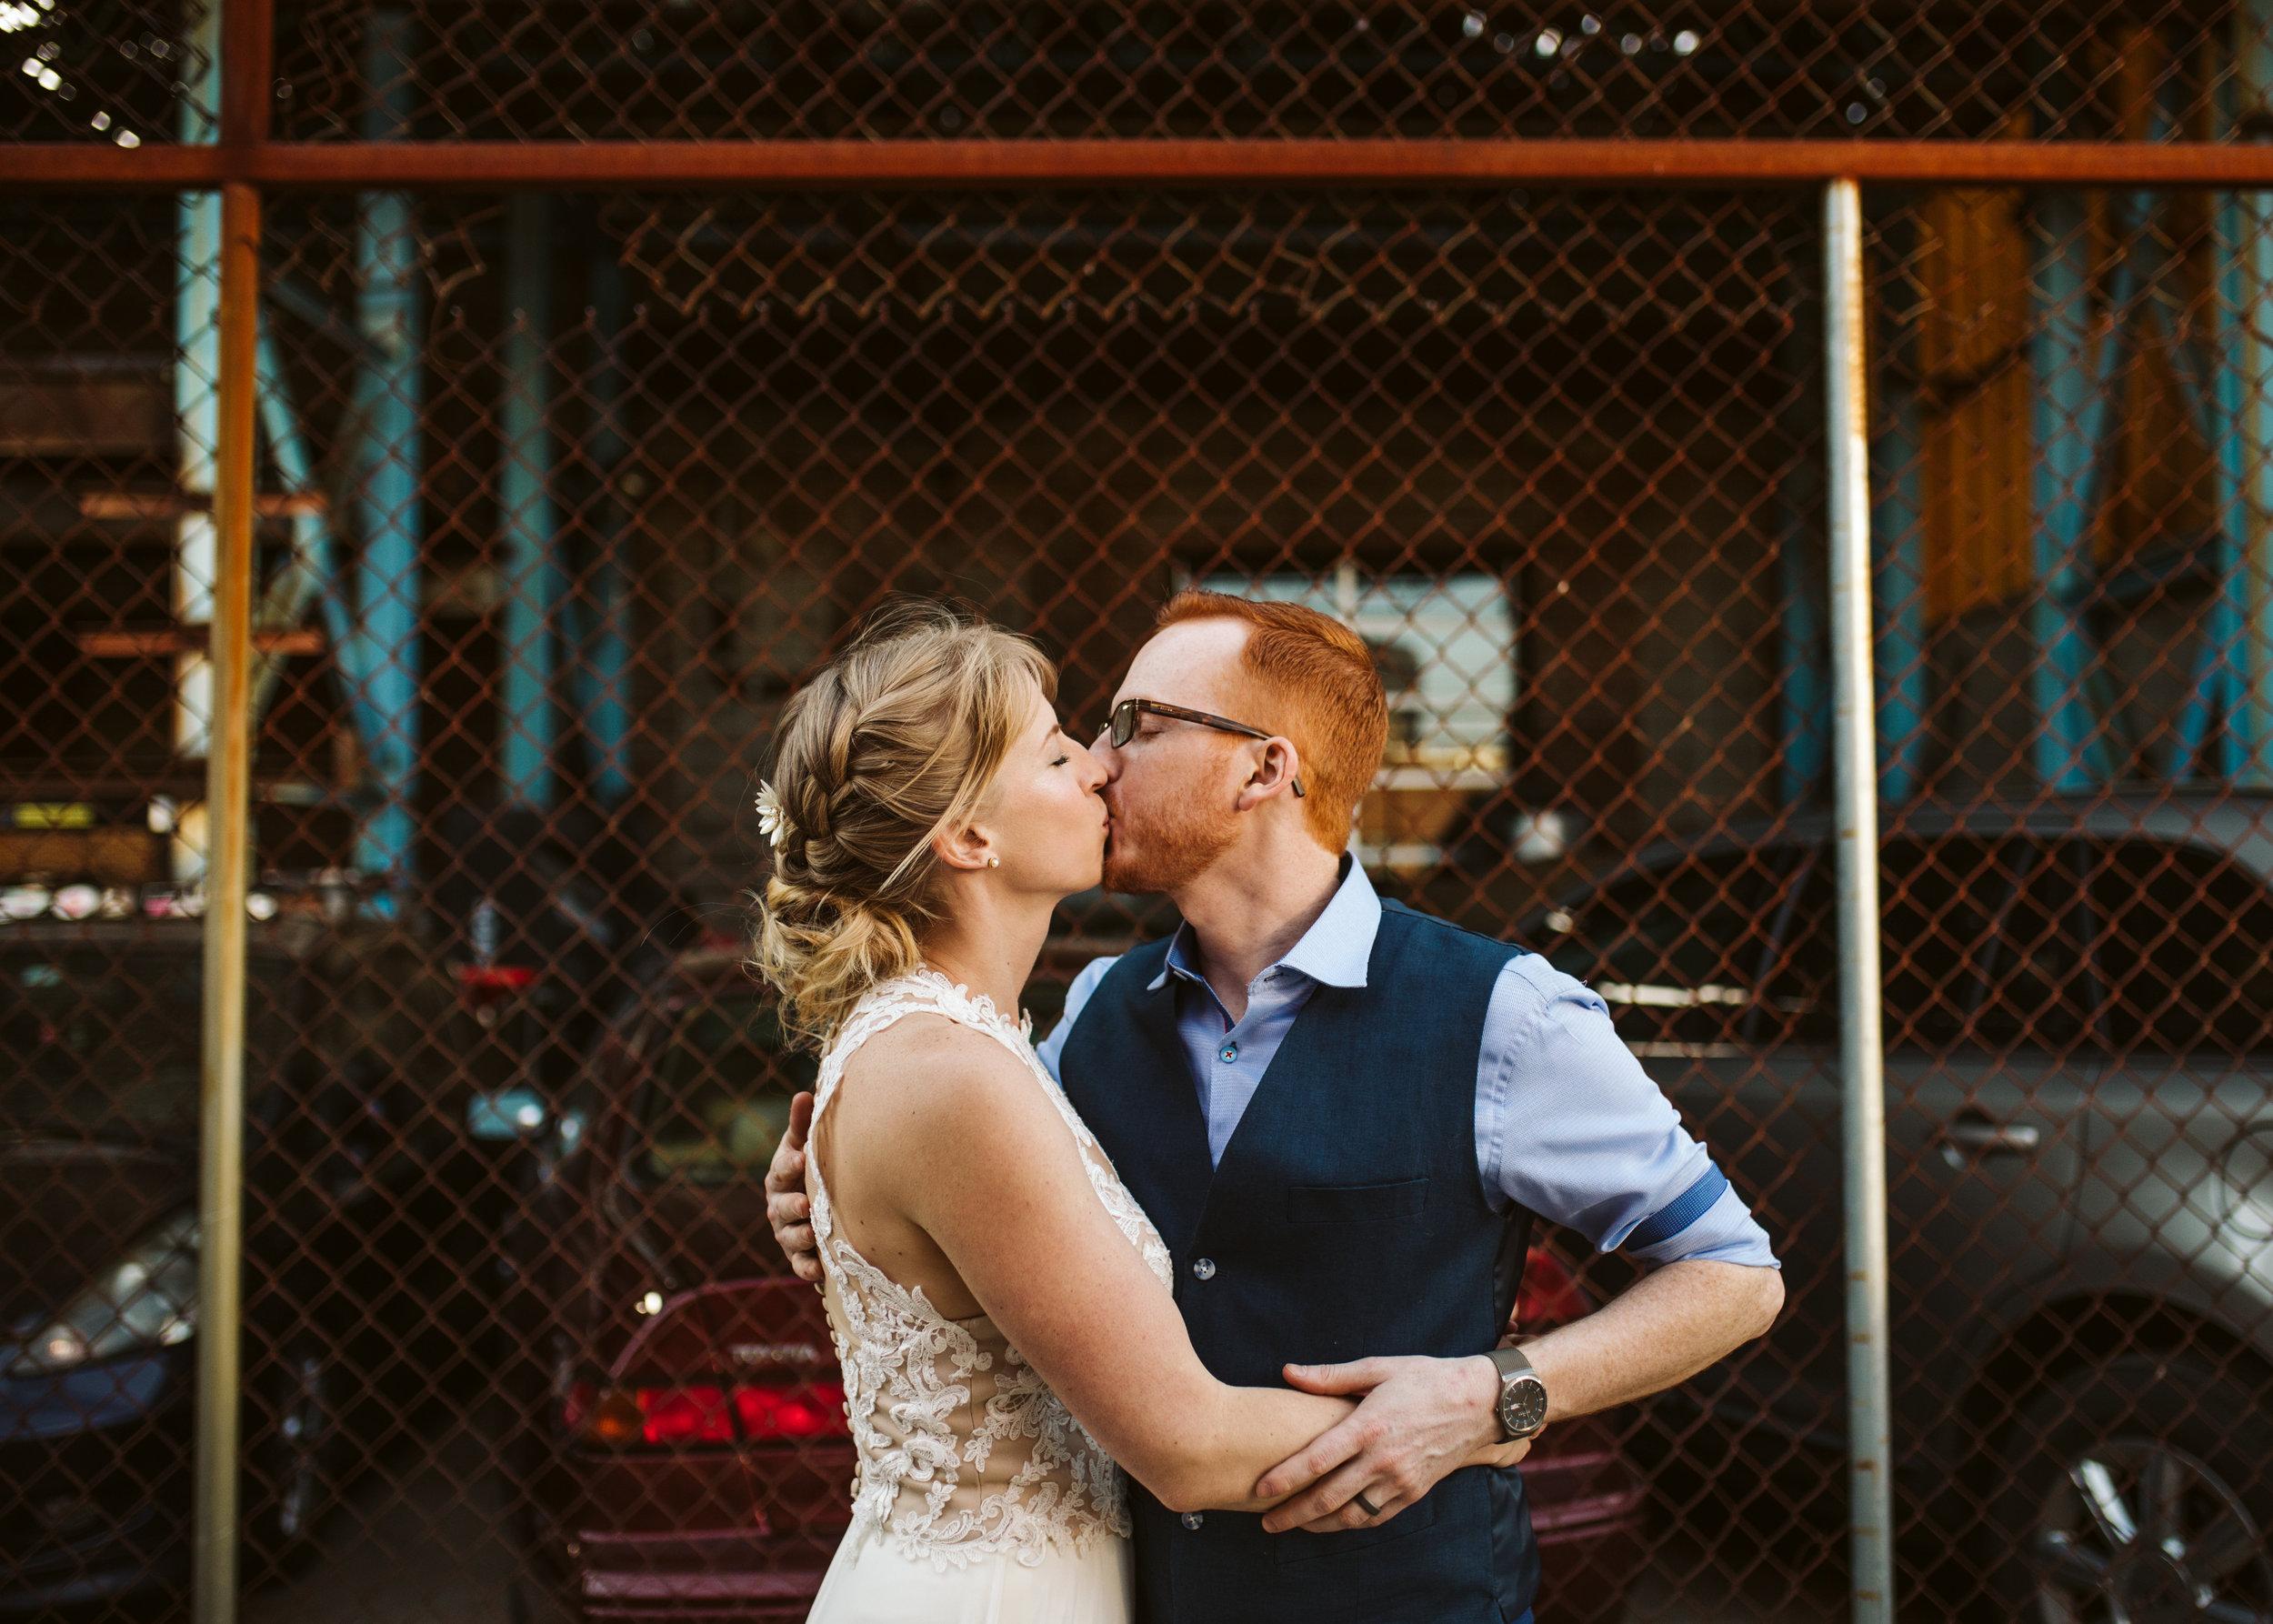 Aryn & Spencer | KC Autoworx Wedding | Black Coffee Photo Co 33.jpg